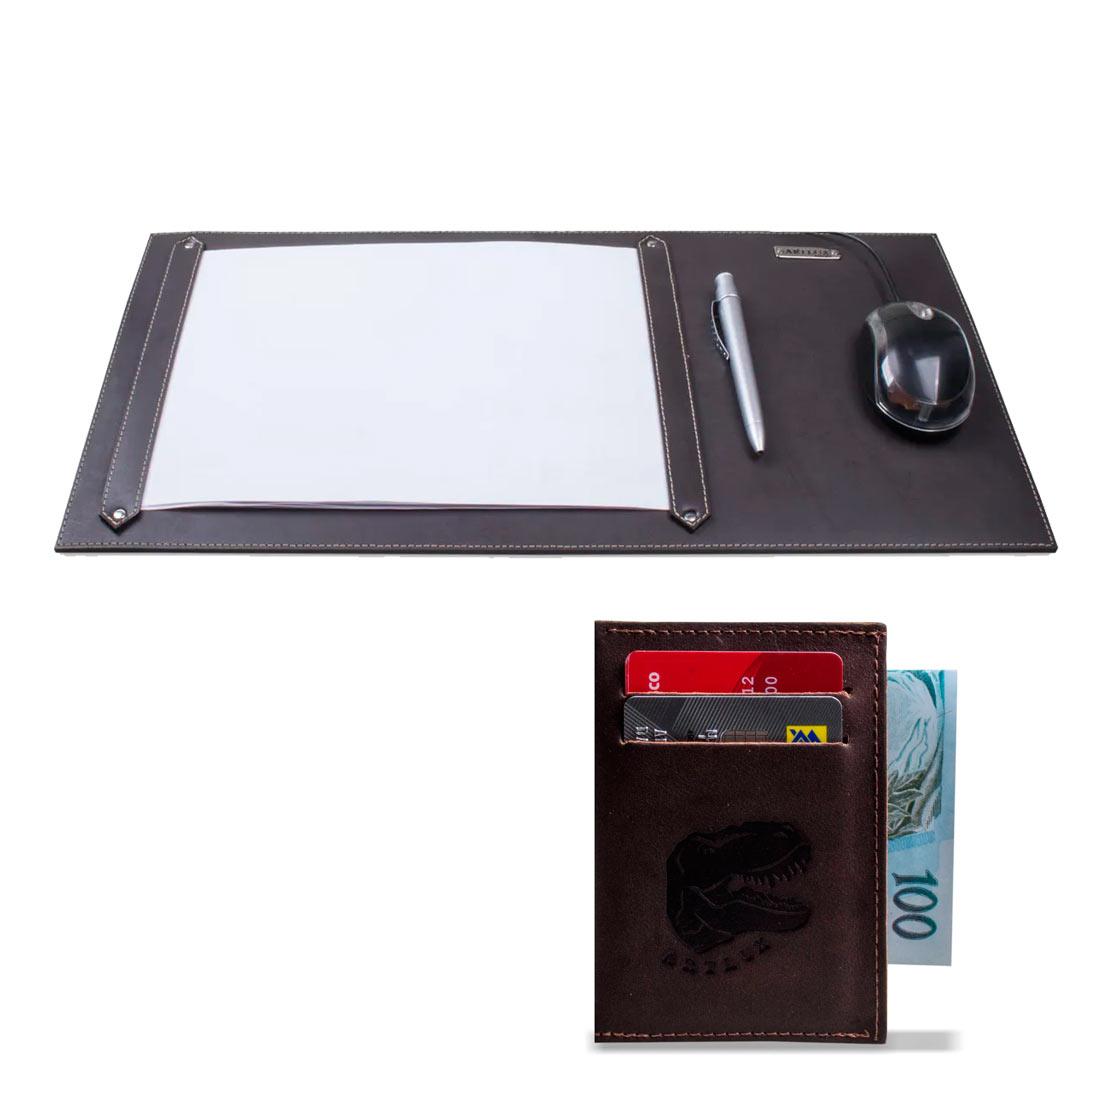 Kit Risque Rabisque com Mouse Pad + Porta Cartão